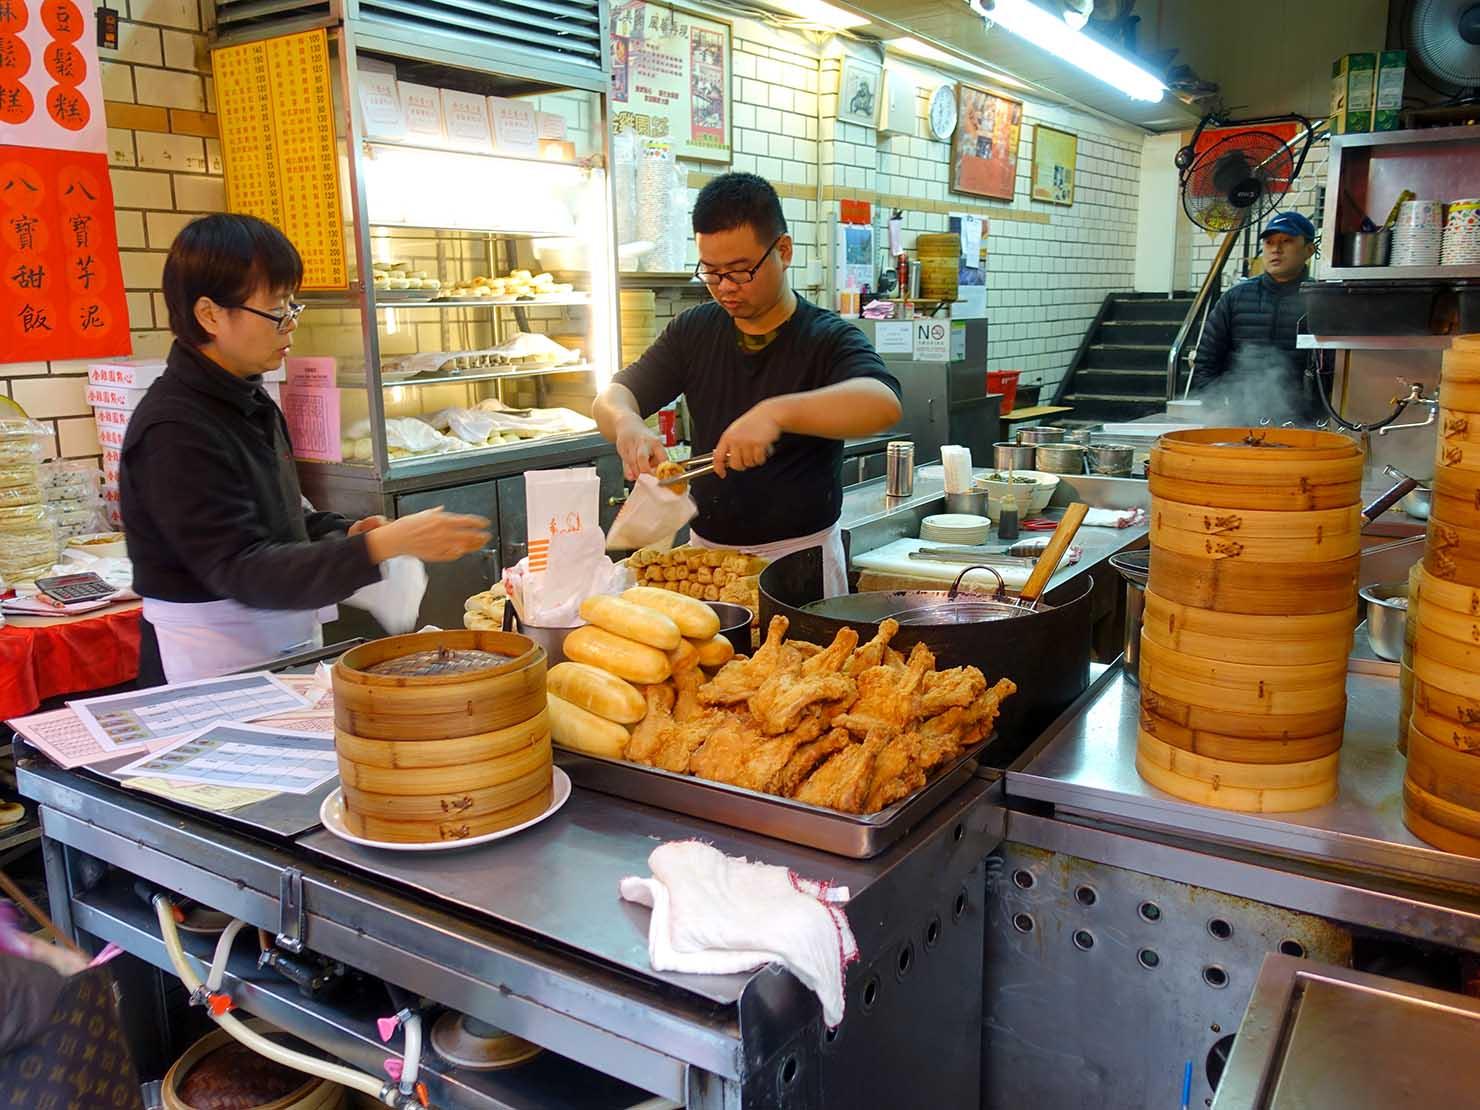 台北・永康街のおすすめグルメ店「好公道の店(原金雞園)」の軒先